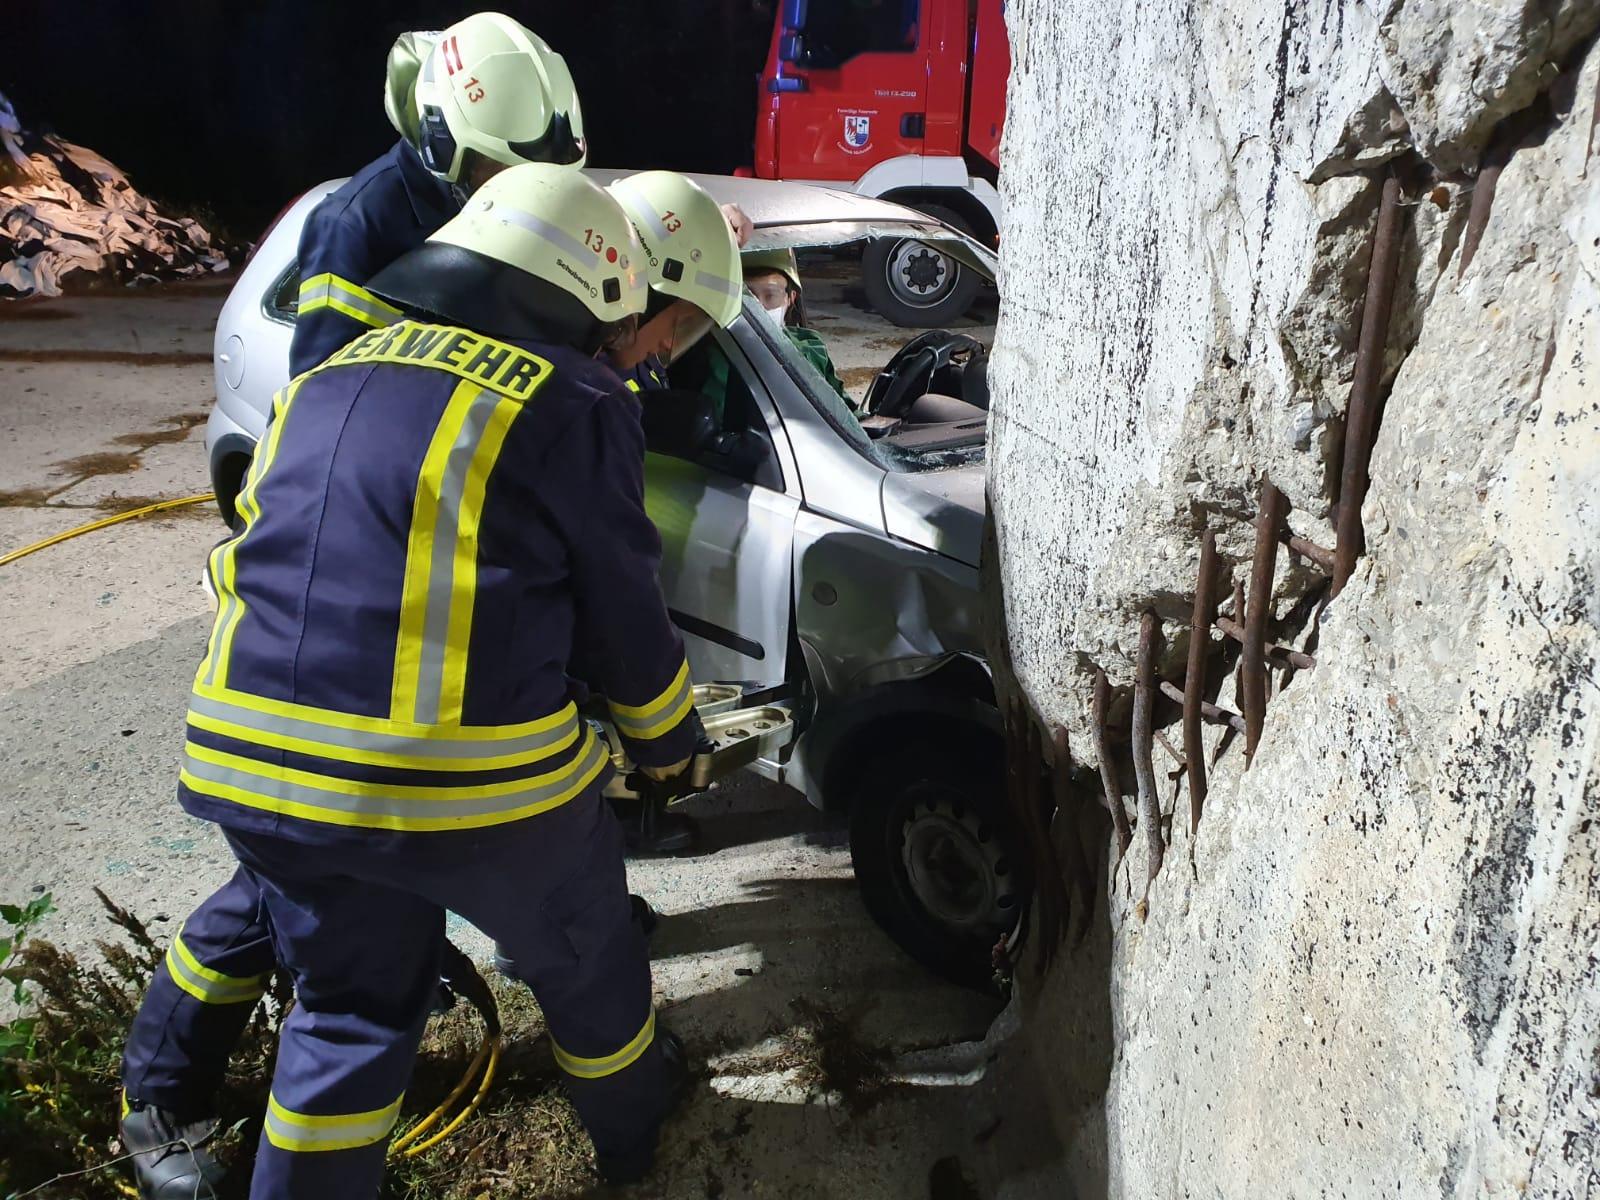 2019-10-23_Feuerwehr-trainiert-Verkehrsunfallhilfe_03